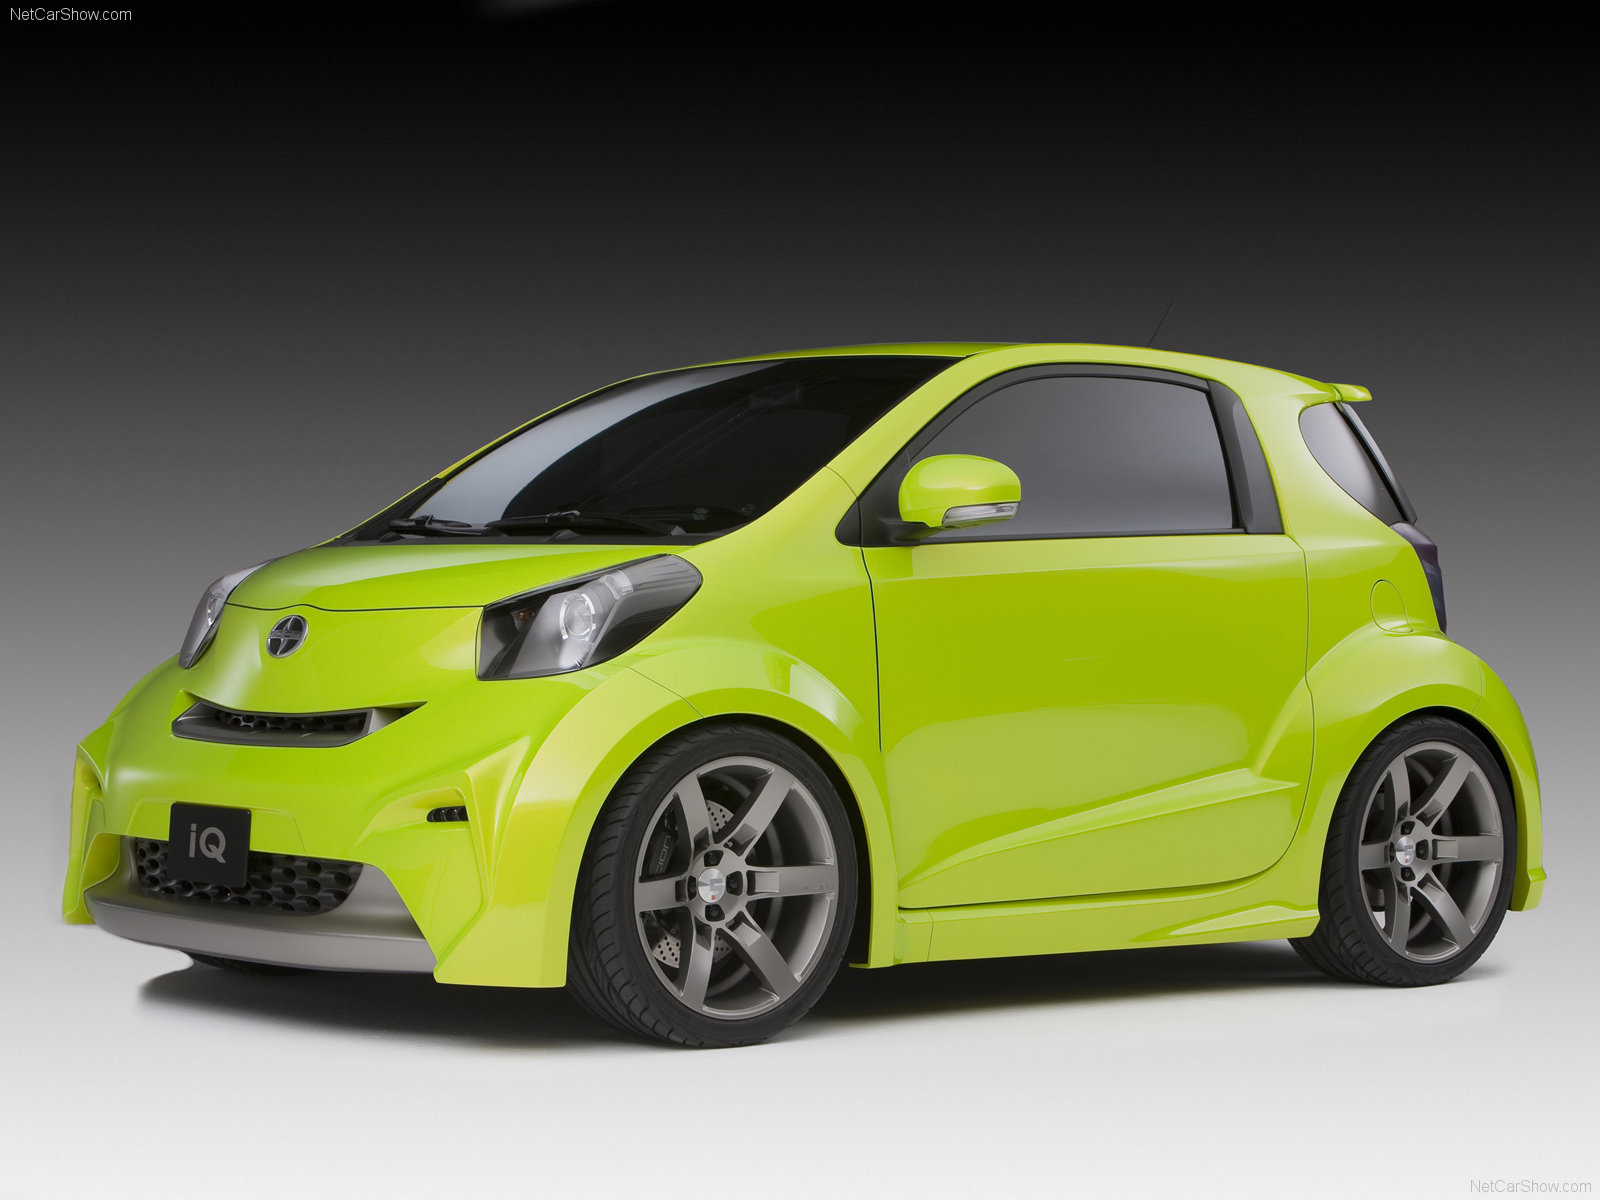 Hình ảnh xe ô tô Scion iQ Concept 2009 & nội ngoại thất